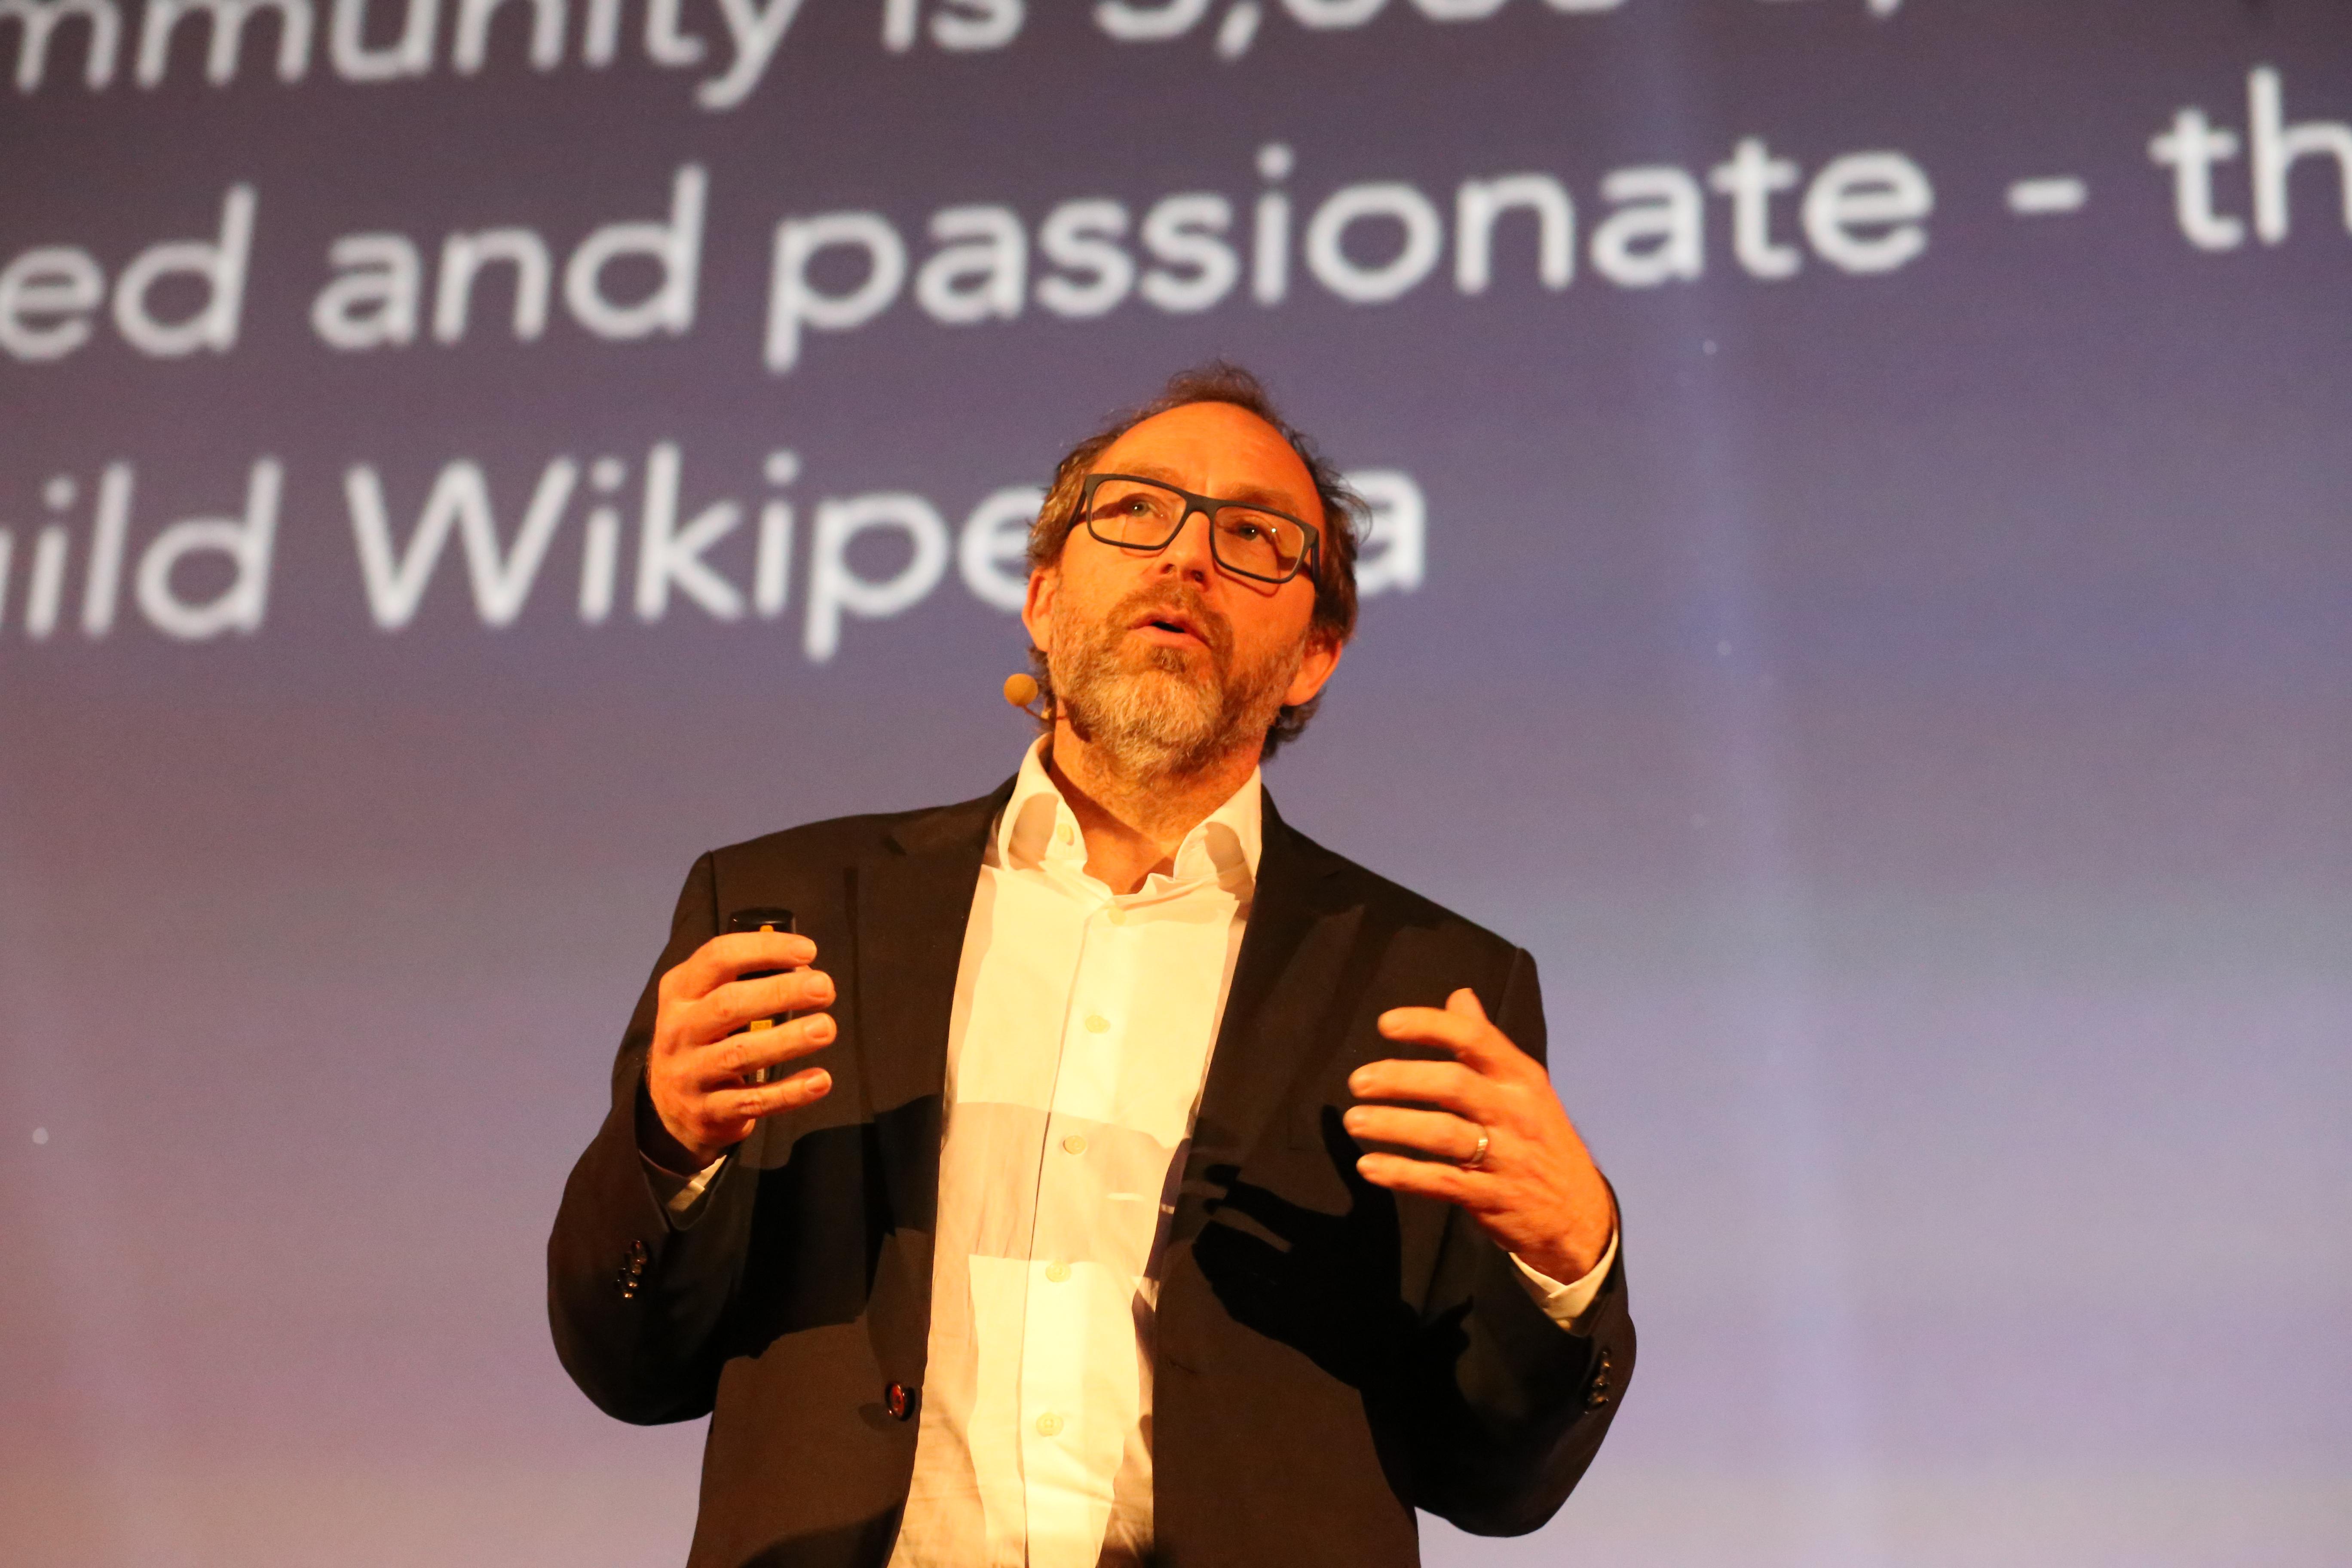 Wikipedia p4-2